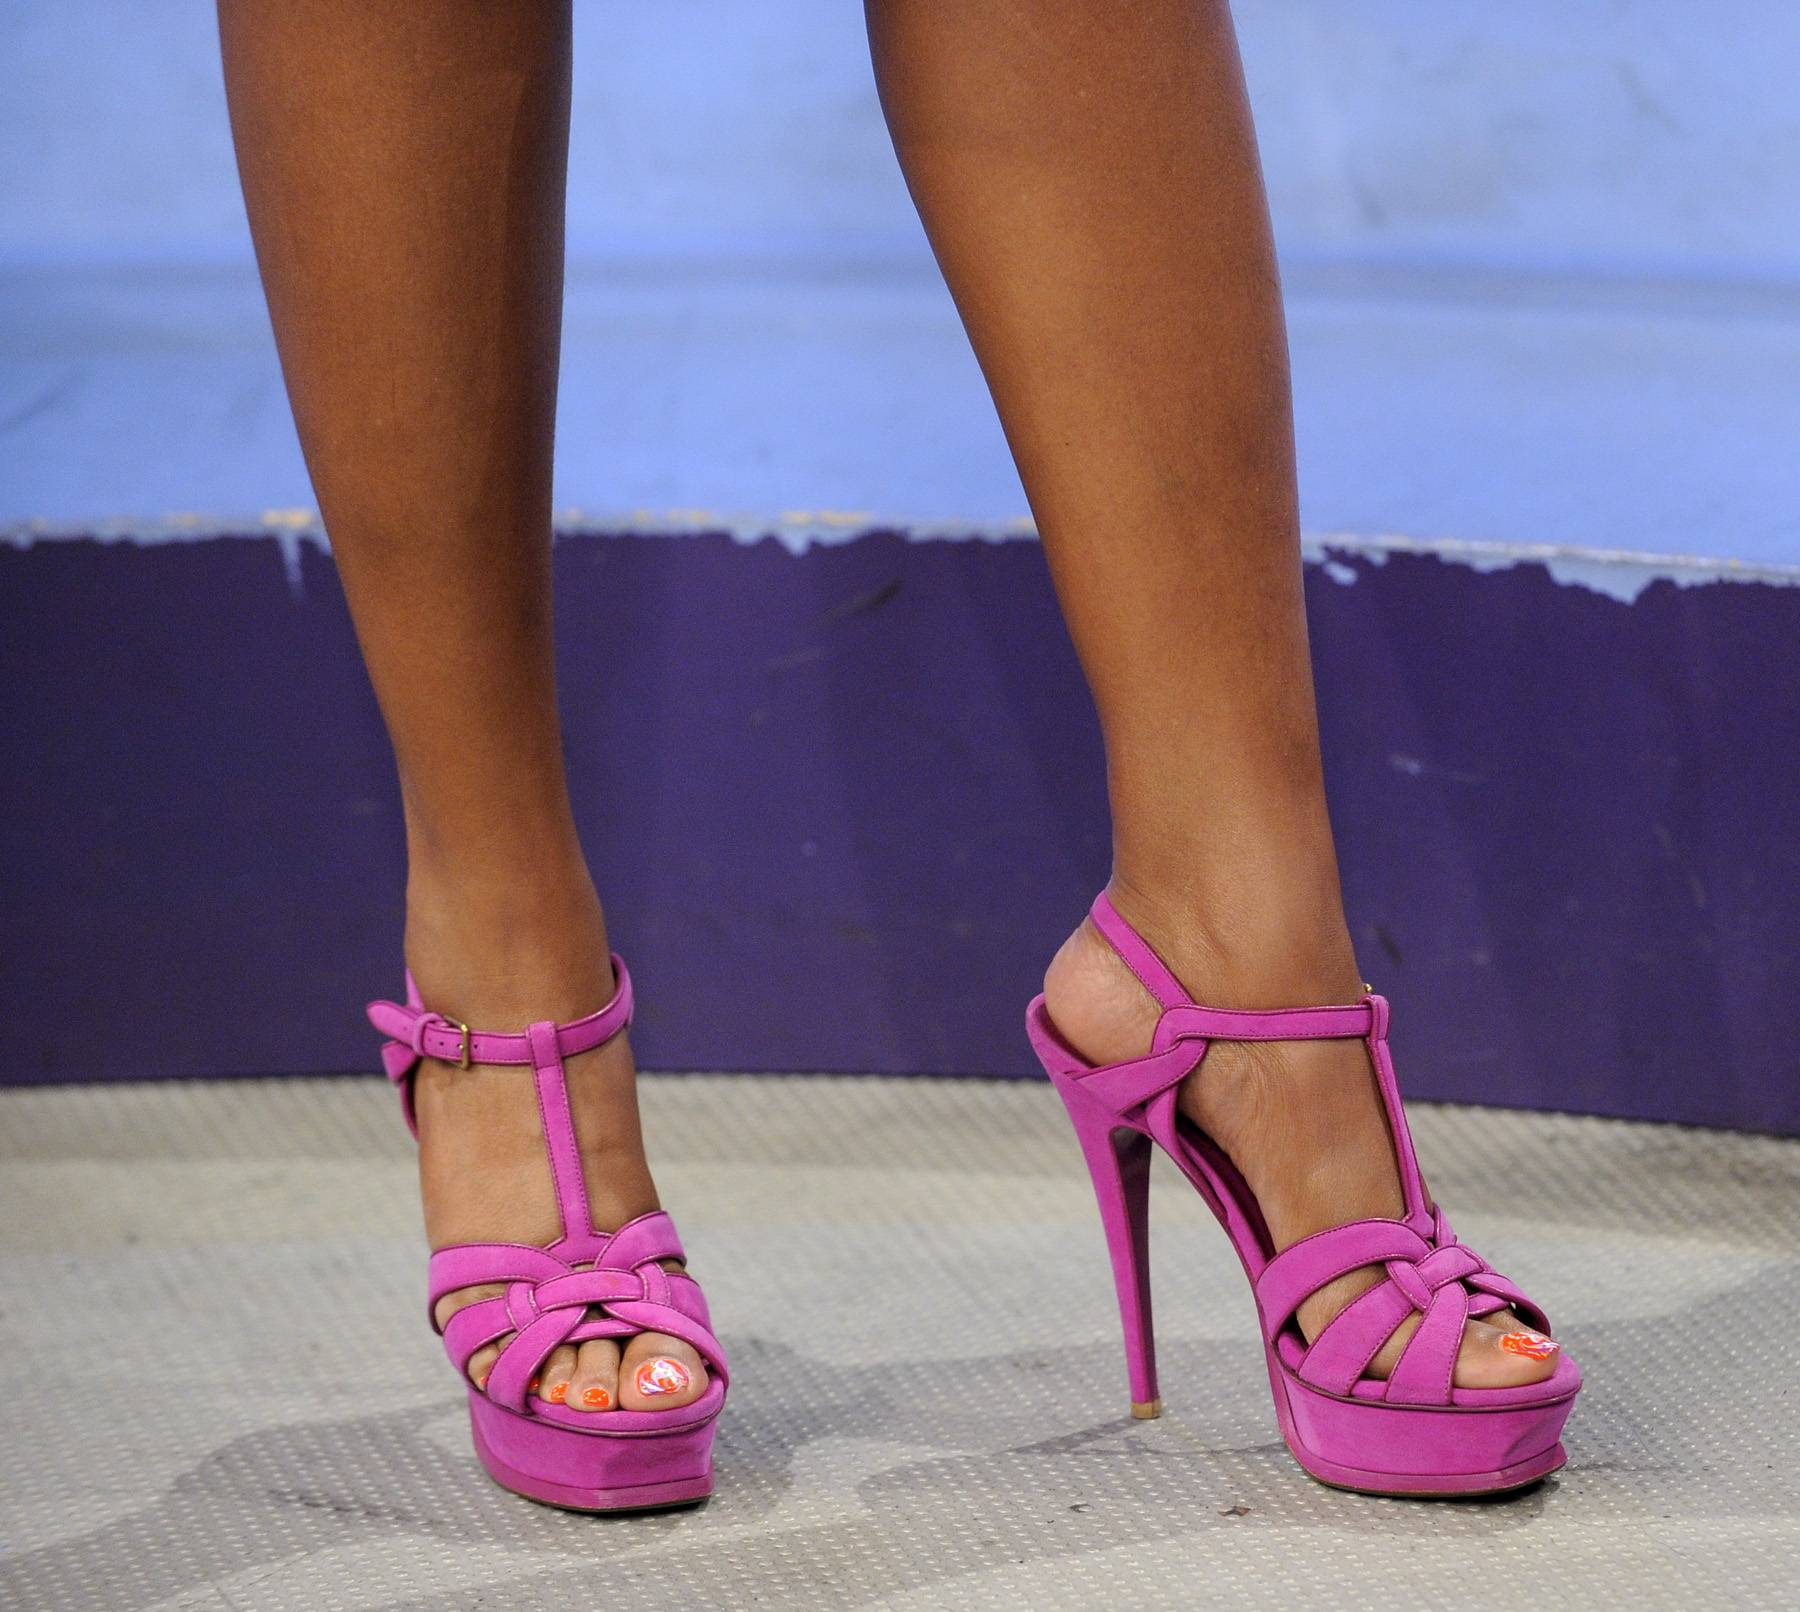 She's Got Legs - Taraji P. Henson at 106 & Park, April 17, 2012. (Photo: John Ricard/BET)